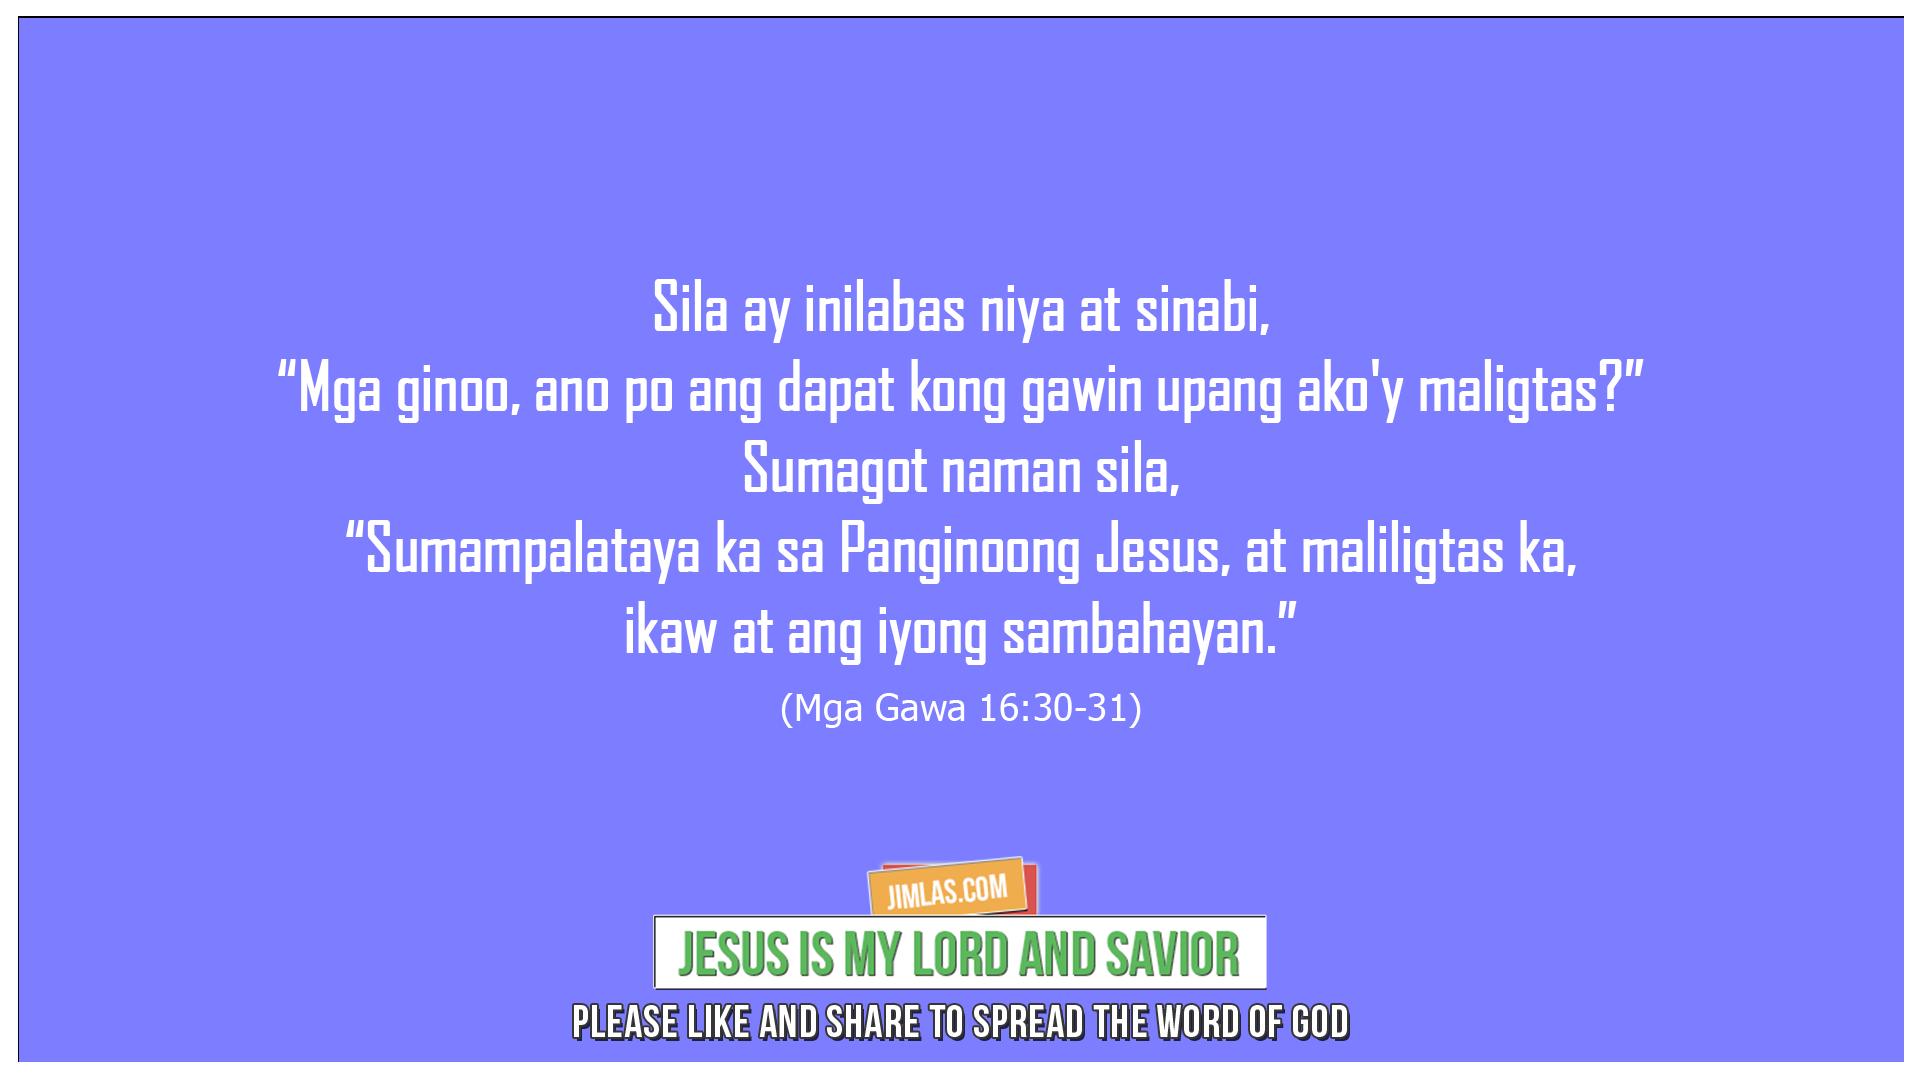 Mga Gawa 16:30-31, Mga Gawa 16:30-31